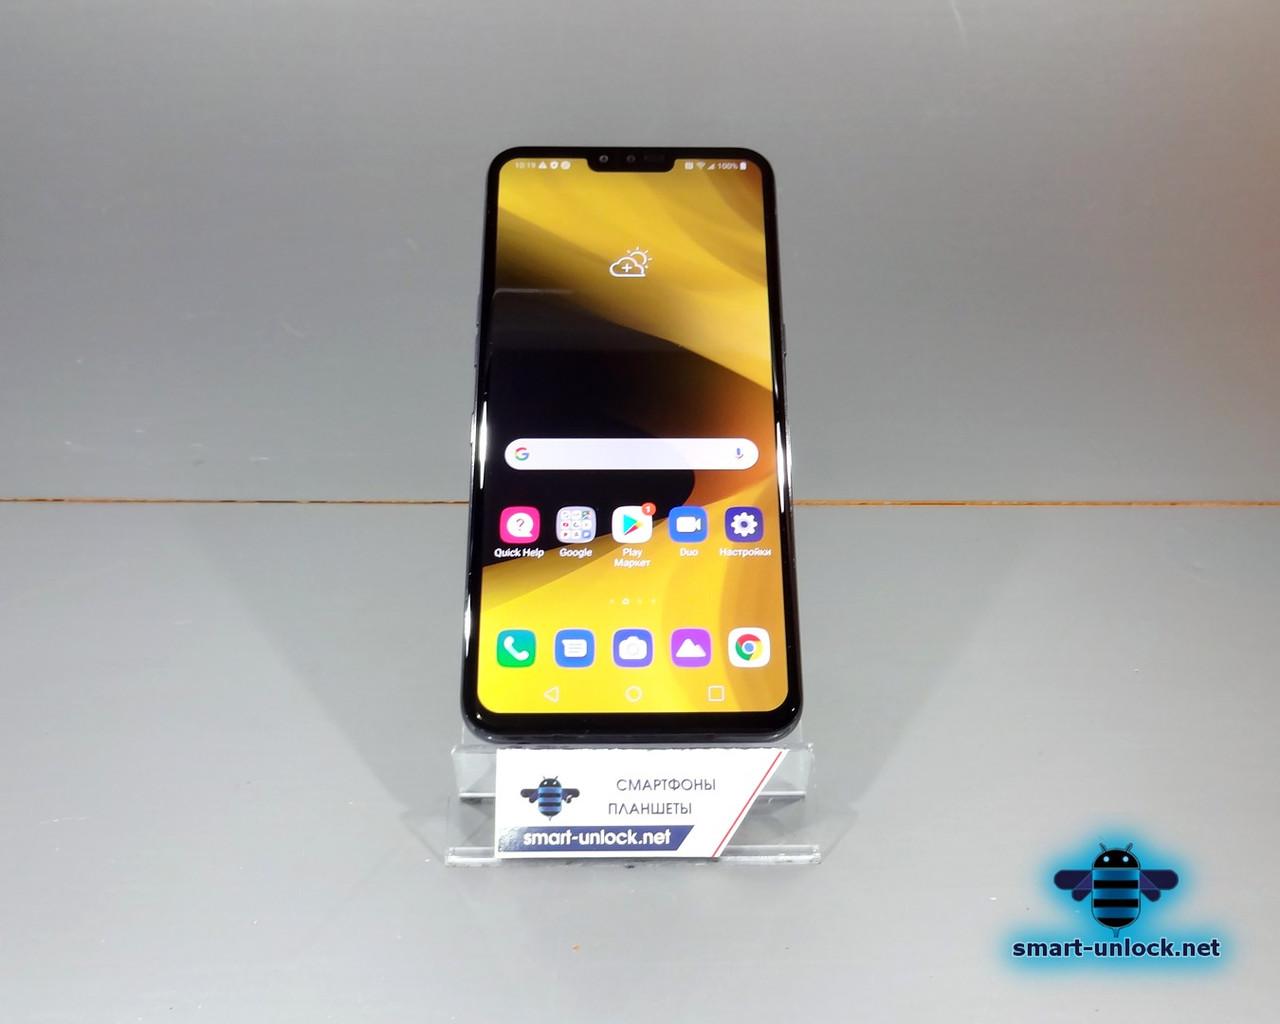 Телефон, смартфон LG V50 ThinQ 5G Покупка без риска, гарантия!